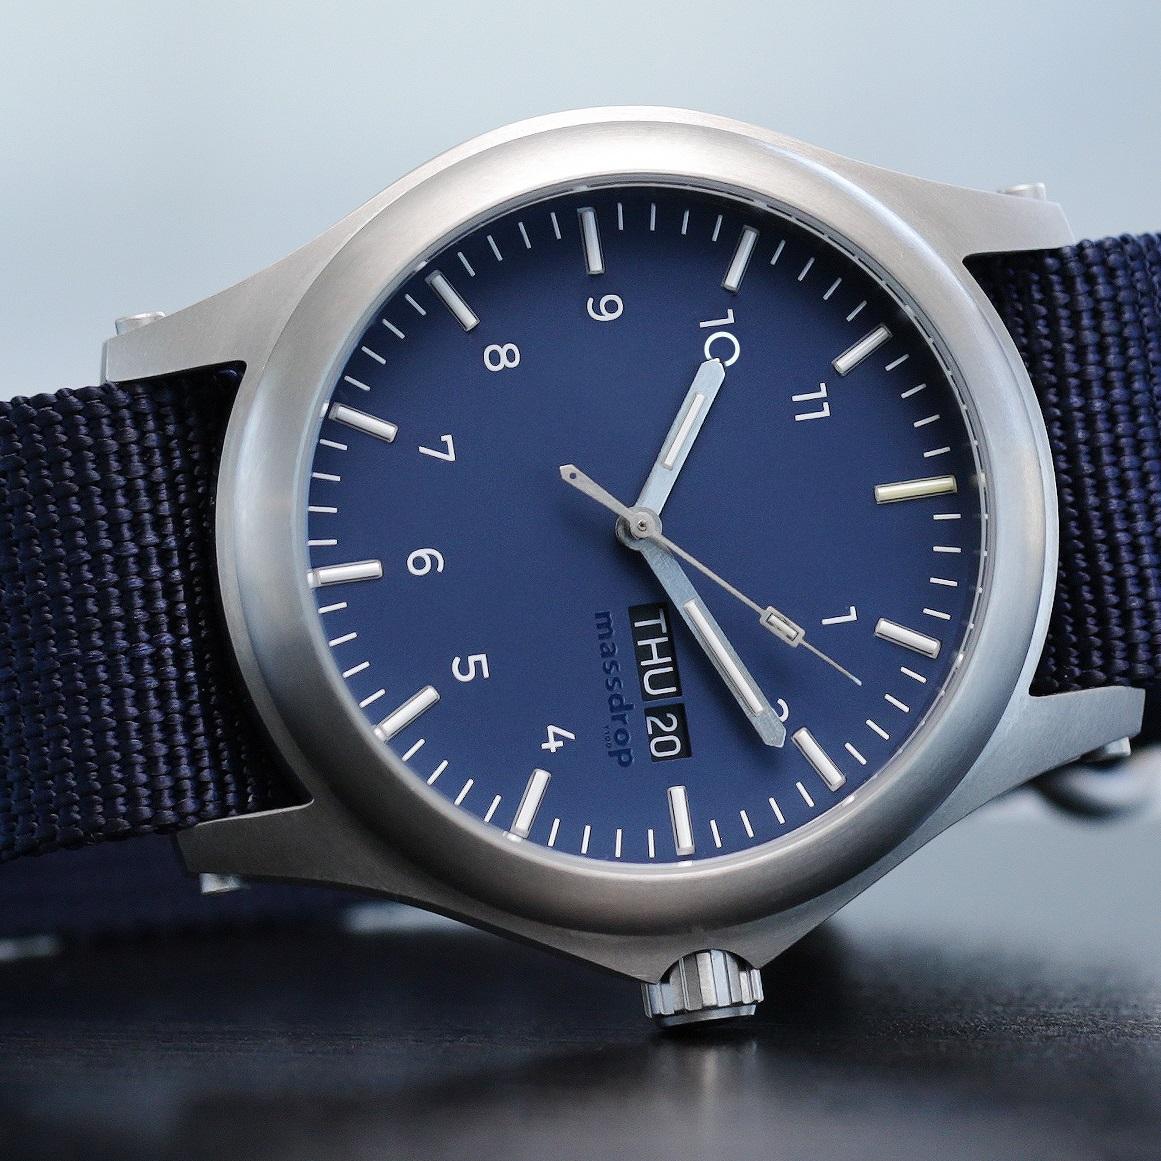 Zegarek podświetlany trytem - Massdrop x ArmourLite Ember T100 - tytan, szafirowe szkiełko, 6 modeli (preorder)